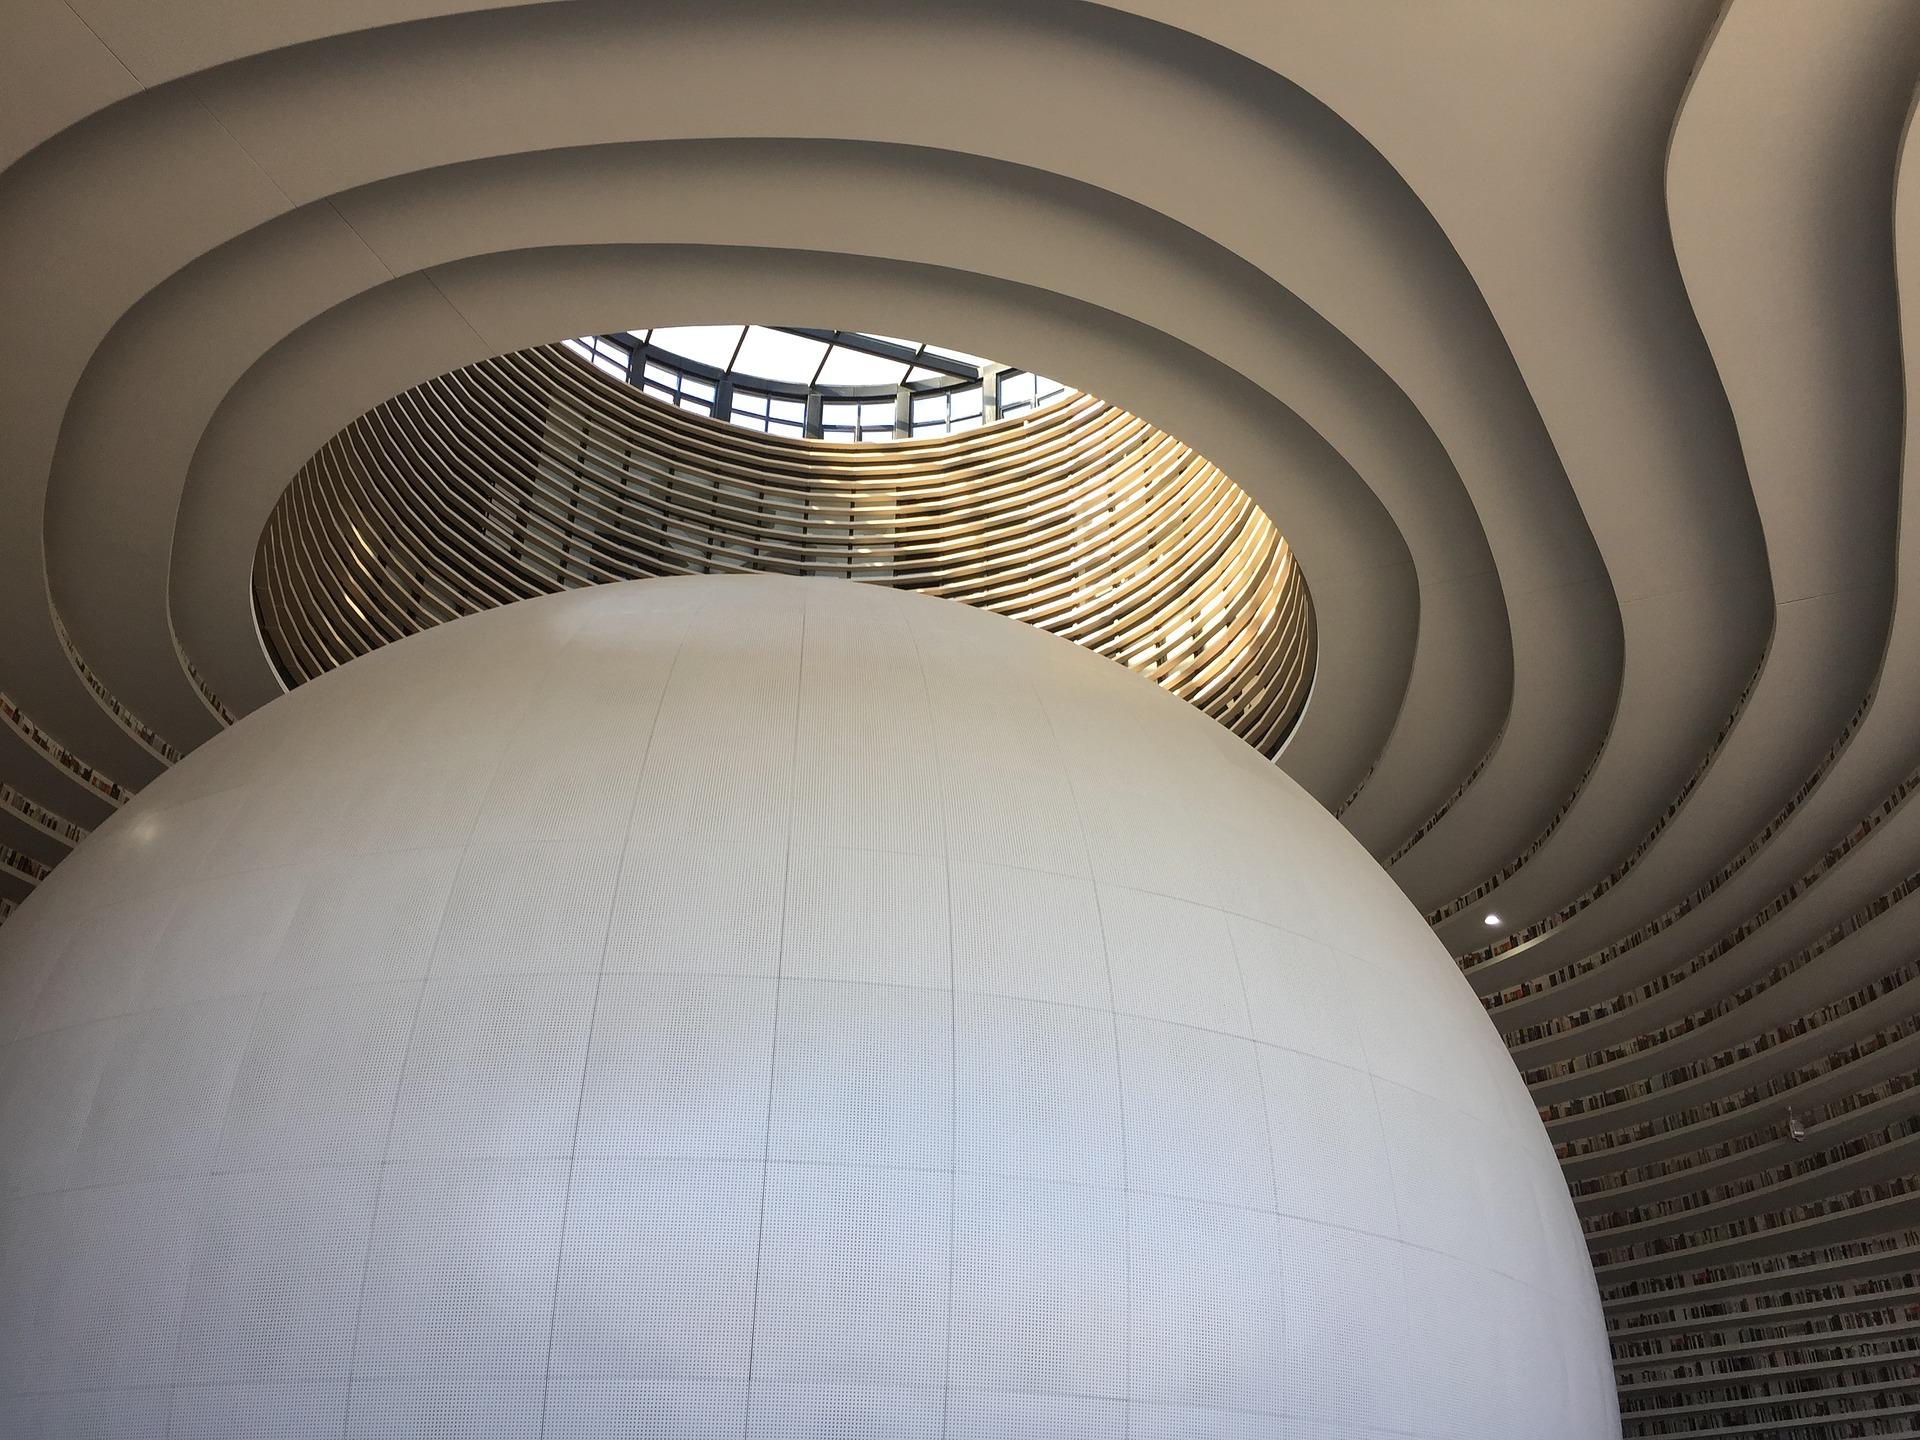 Esfera gigante e estantes da Biblioteca de Tianjin. Imagem ilustrativa texto bibliotecas mais bonitas do mundo.